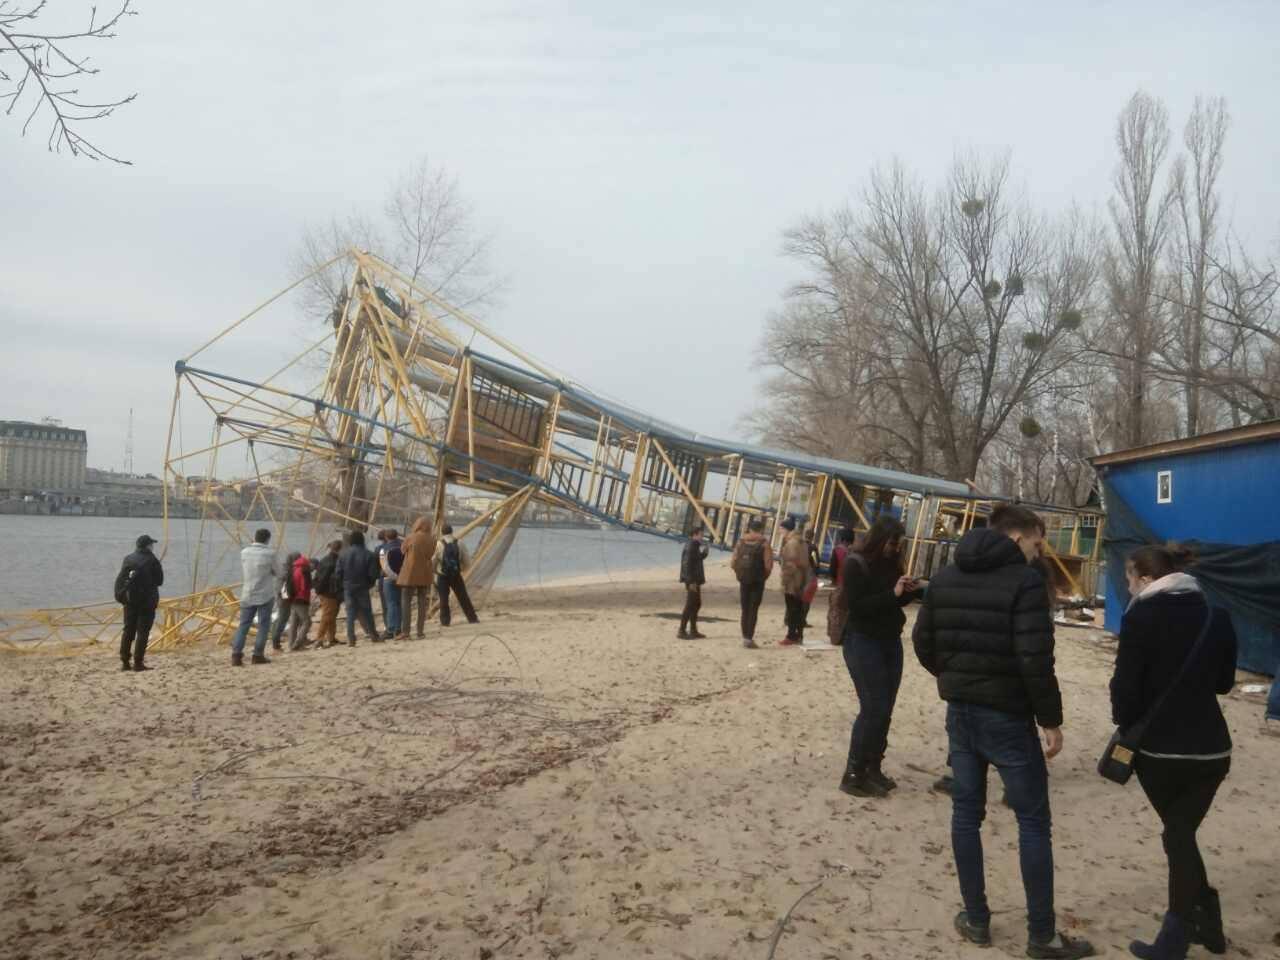 Неизвестные уничтожили троллей над Днепром в Киеве